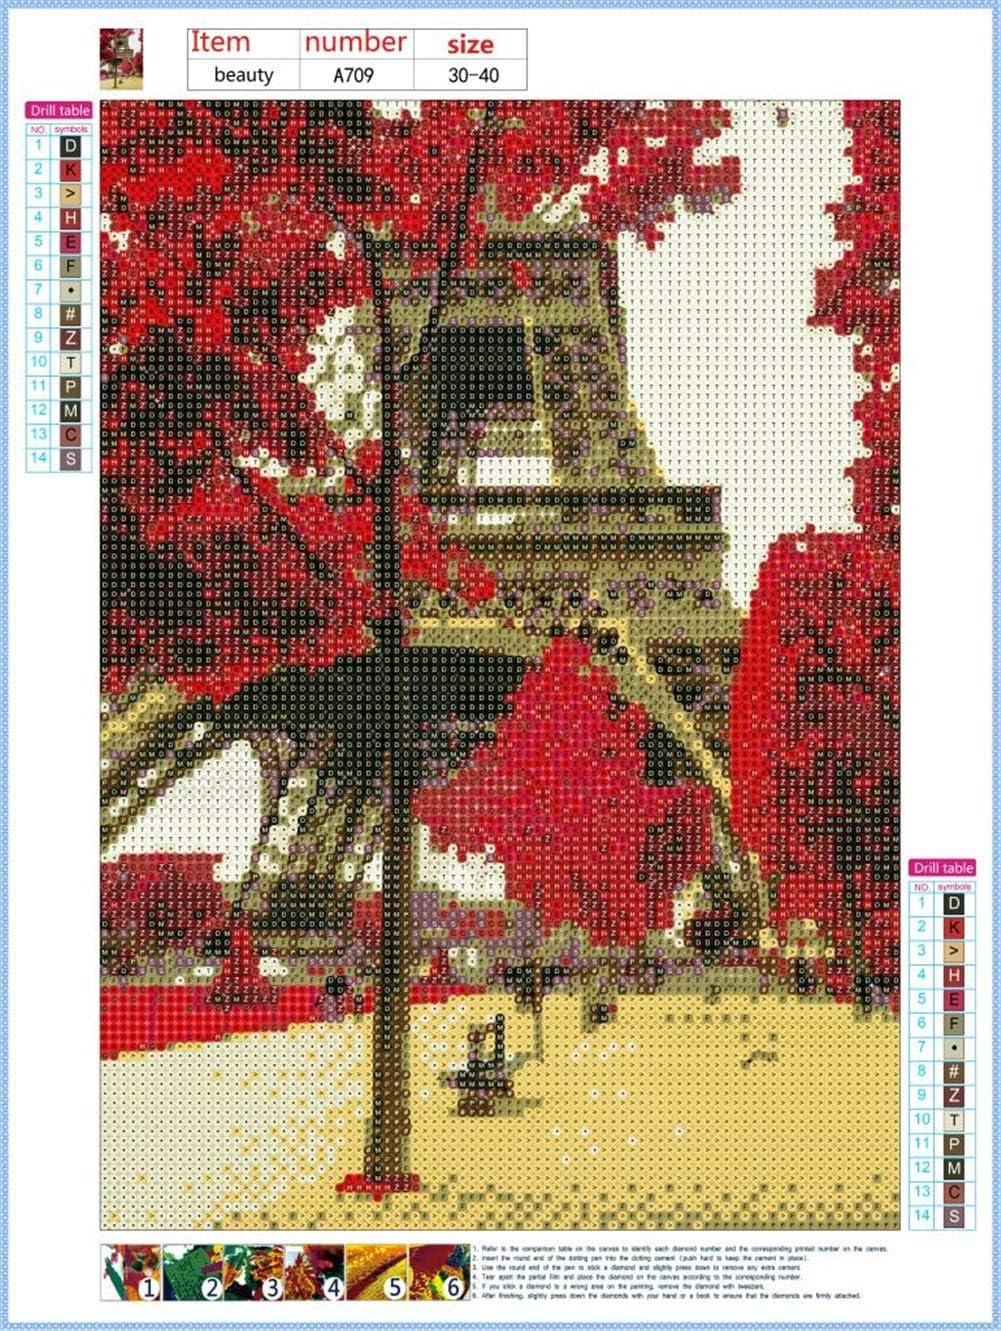 Tableau Decoration Murale Salon la Tour Eiffel 30X40cm Peinture en Diamant 5D DIY Diamant Peinture Kits pour Adultes Strass Broderie Diamant Art Broderie Diamant Kit Complet